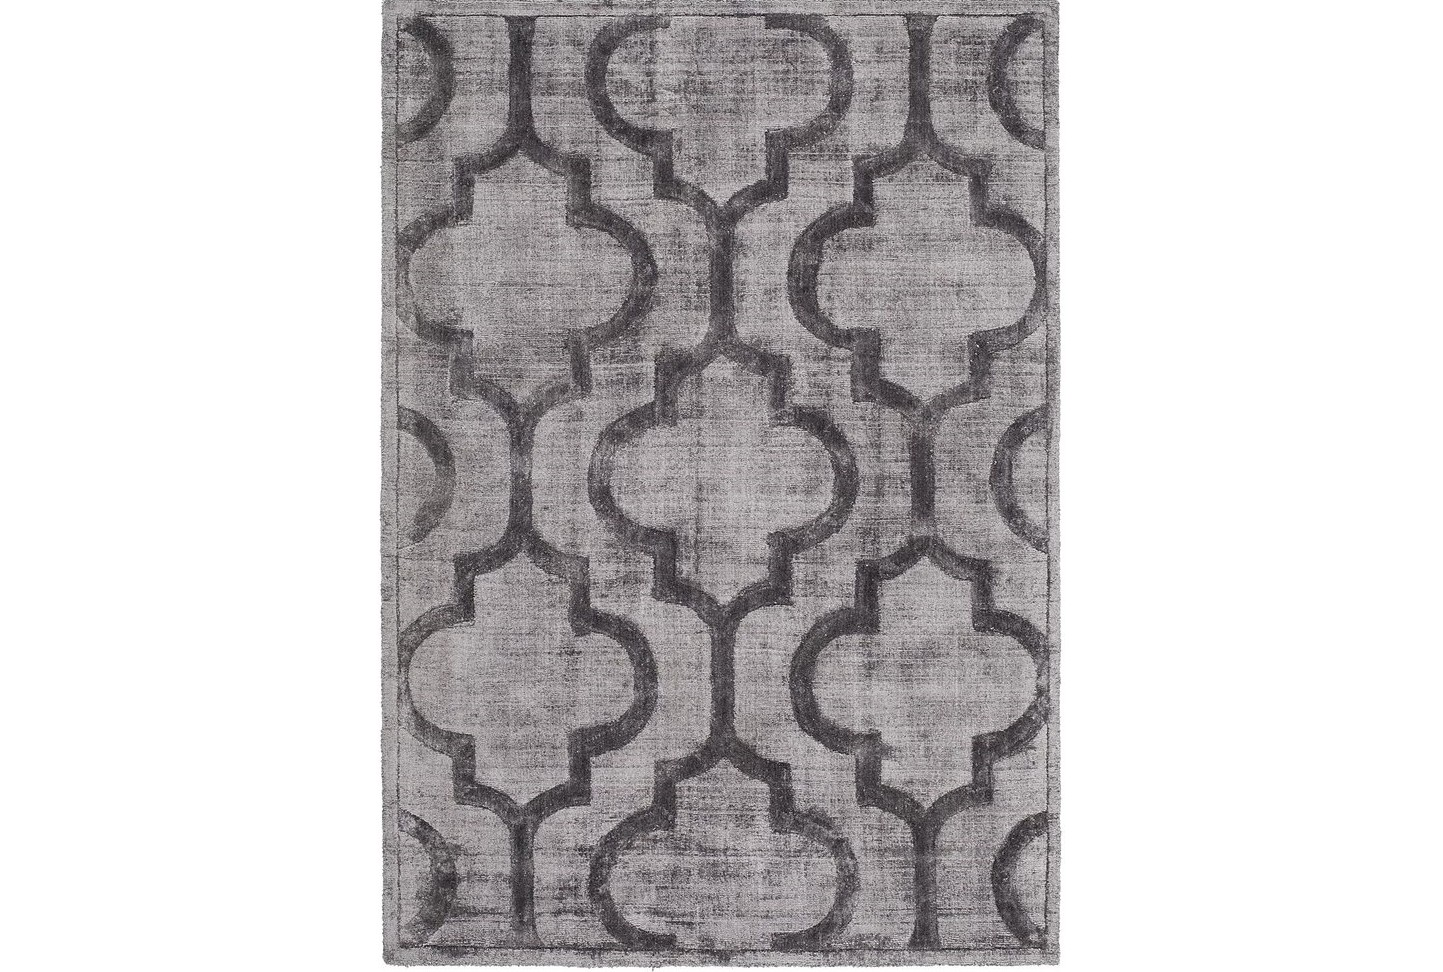 Ковер Eternity 200х290Прямоугольные ковры<br>Мягкие и шелковистые ковры ручной работы, очень красиво блестят и переливаются в зависимости от освещения в интерьере. При дневном освещении оттенок может быть бледнее, при искусственном более насыщенным.&amp;lt;div&amp;gt;&amp;lt;br&amp;gt;&amp;lt;/div&amp;gt;&amp;lt;div&amp;gt;Основа - хлопок.&amp;lt;/div&amp;gt;<br><br>Material: Шерсть